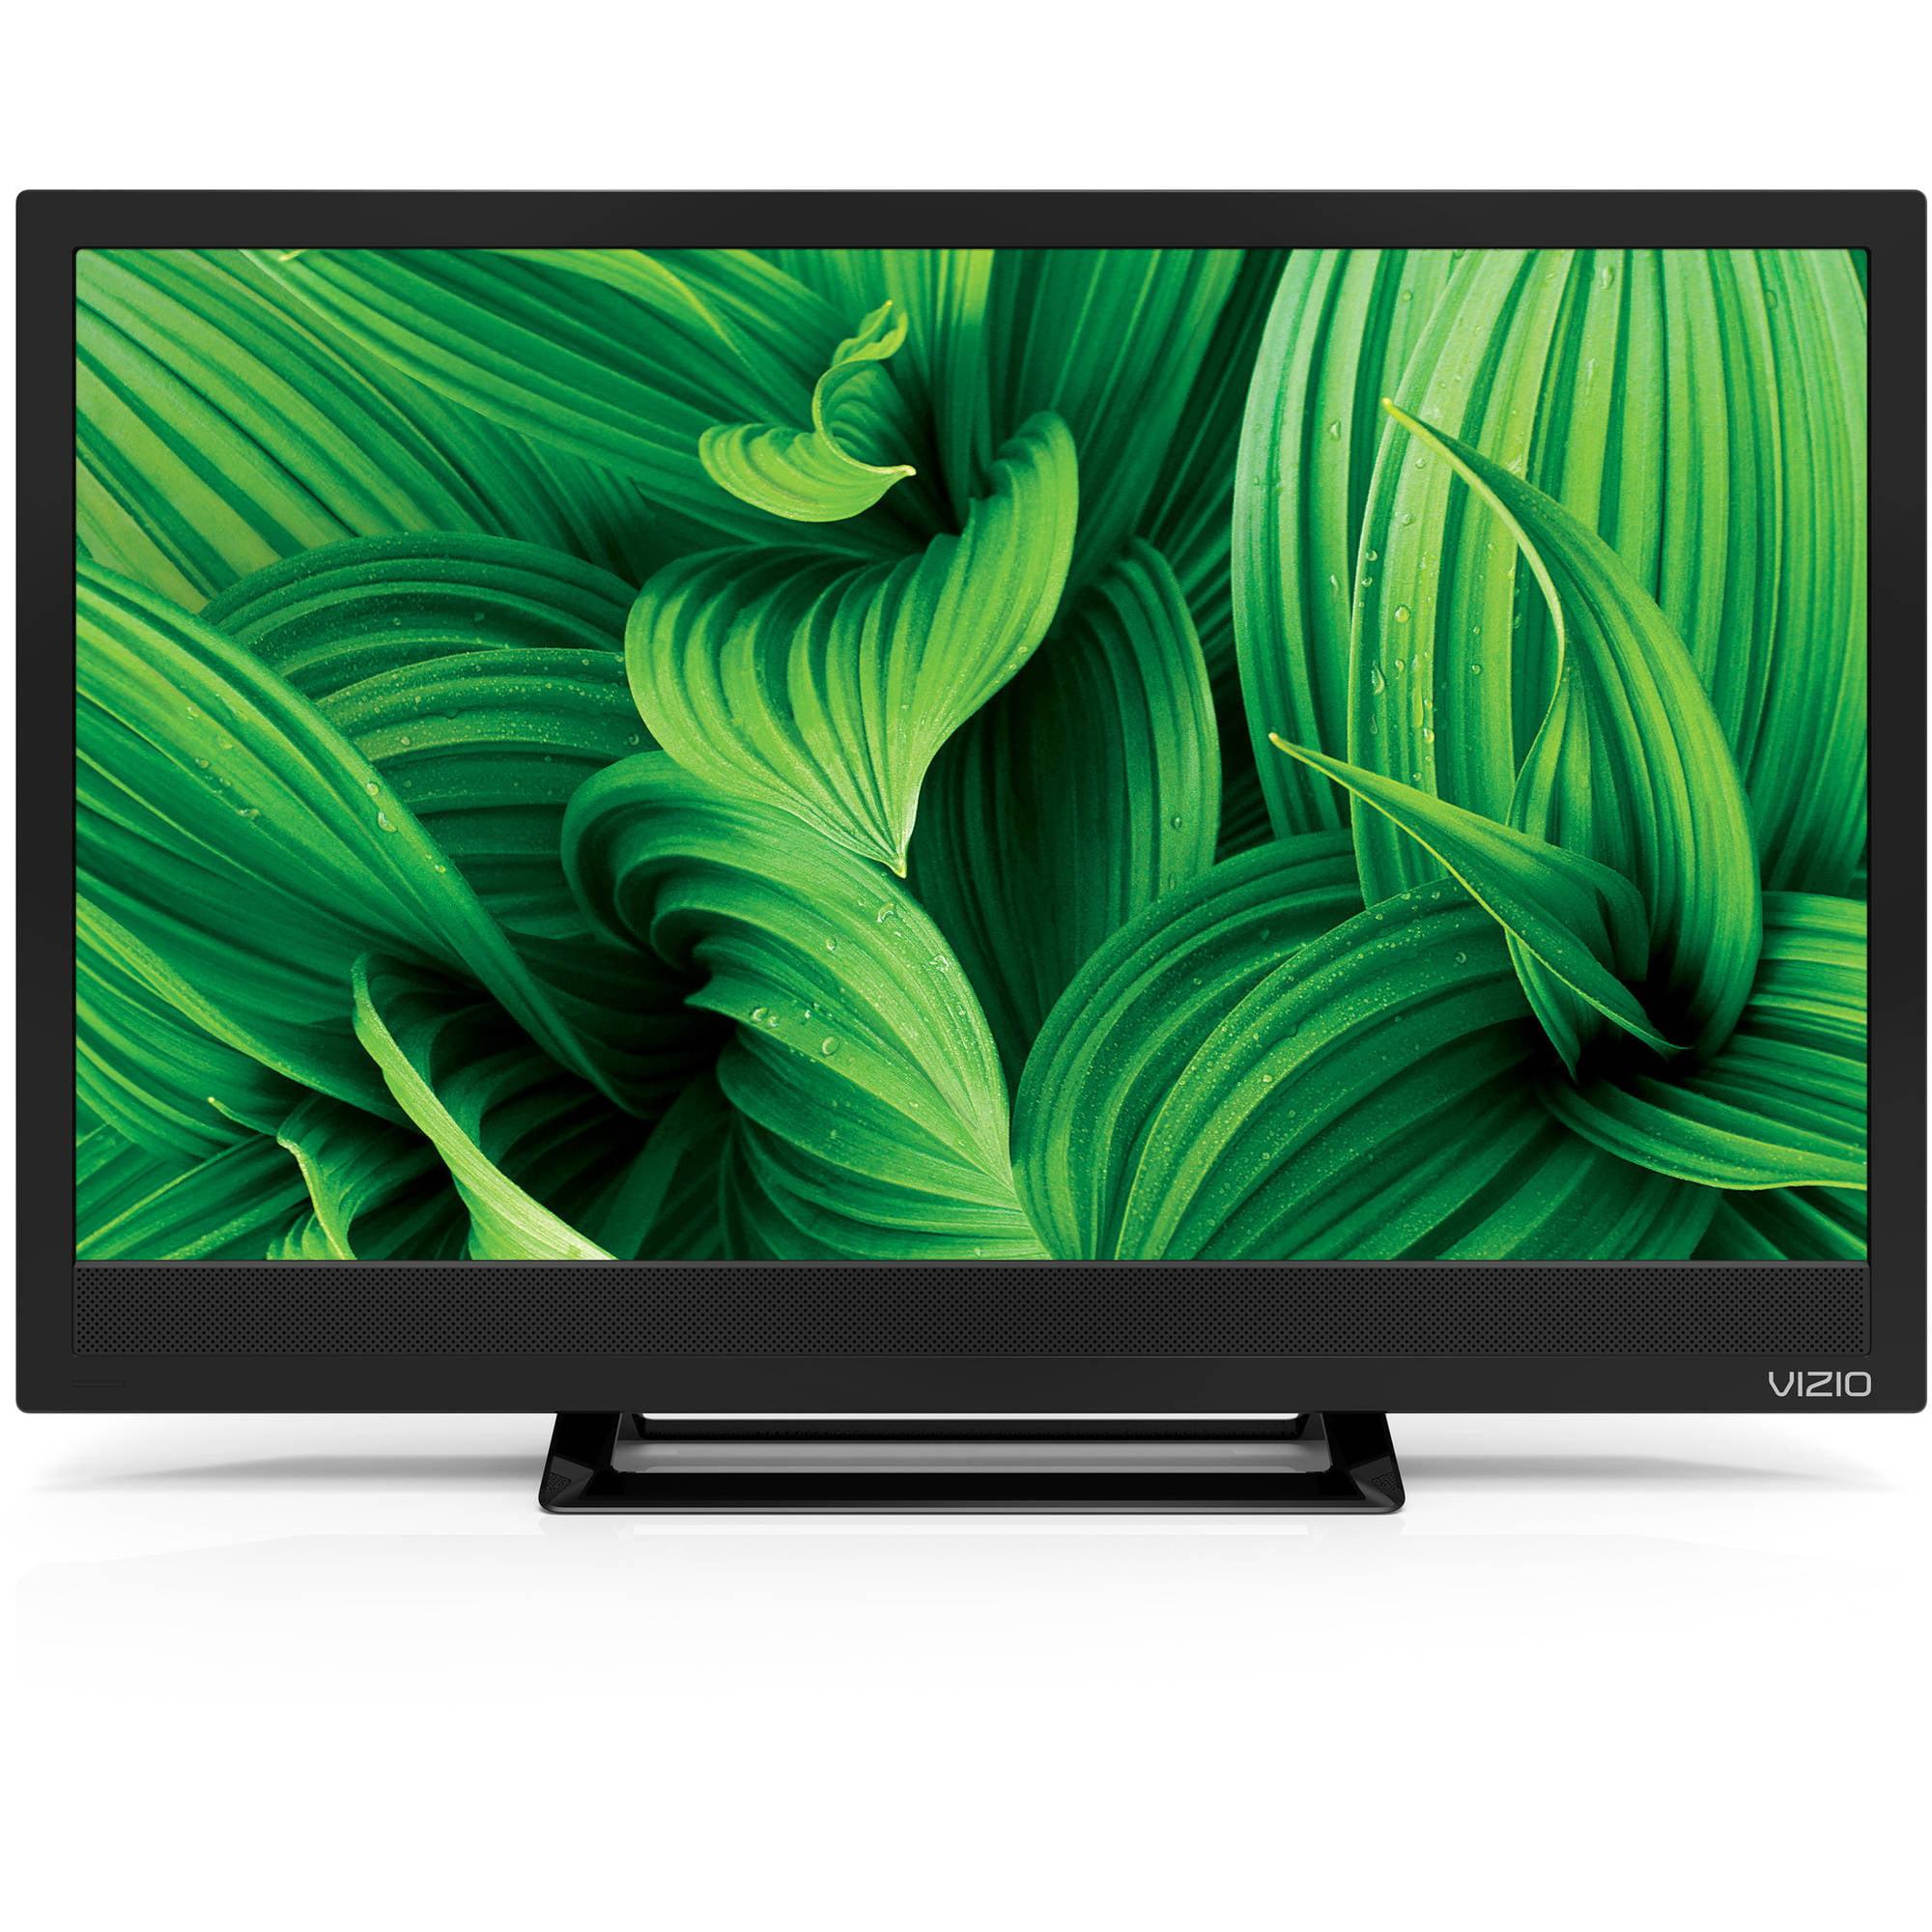 """Refurbished Vizio 24"""" Class HD (720P) LED TV (D24hn-E1) by VIZIO"""